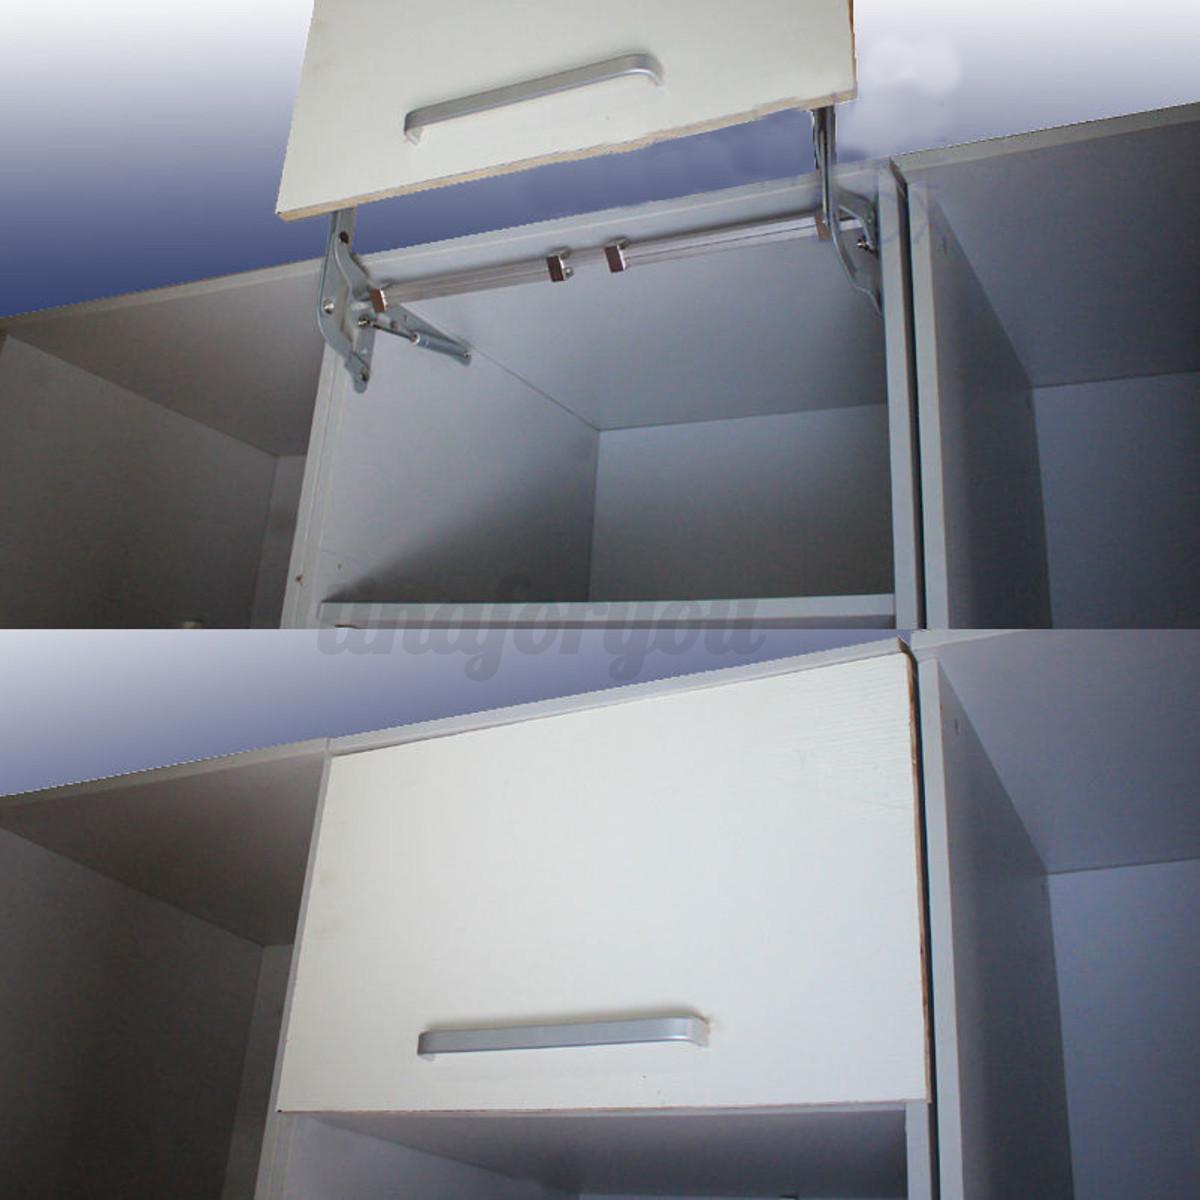 Cabinet Door Lift Up Mechanism : Cabinet door vertical swing lift up stay pneumatic arm